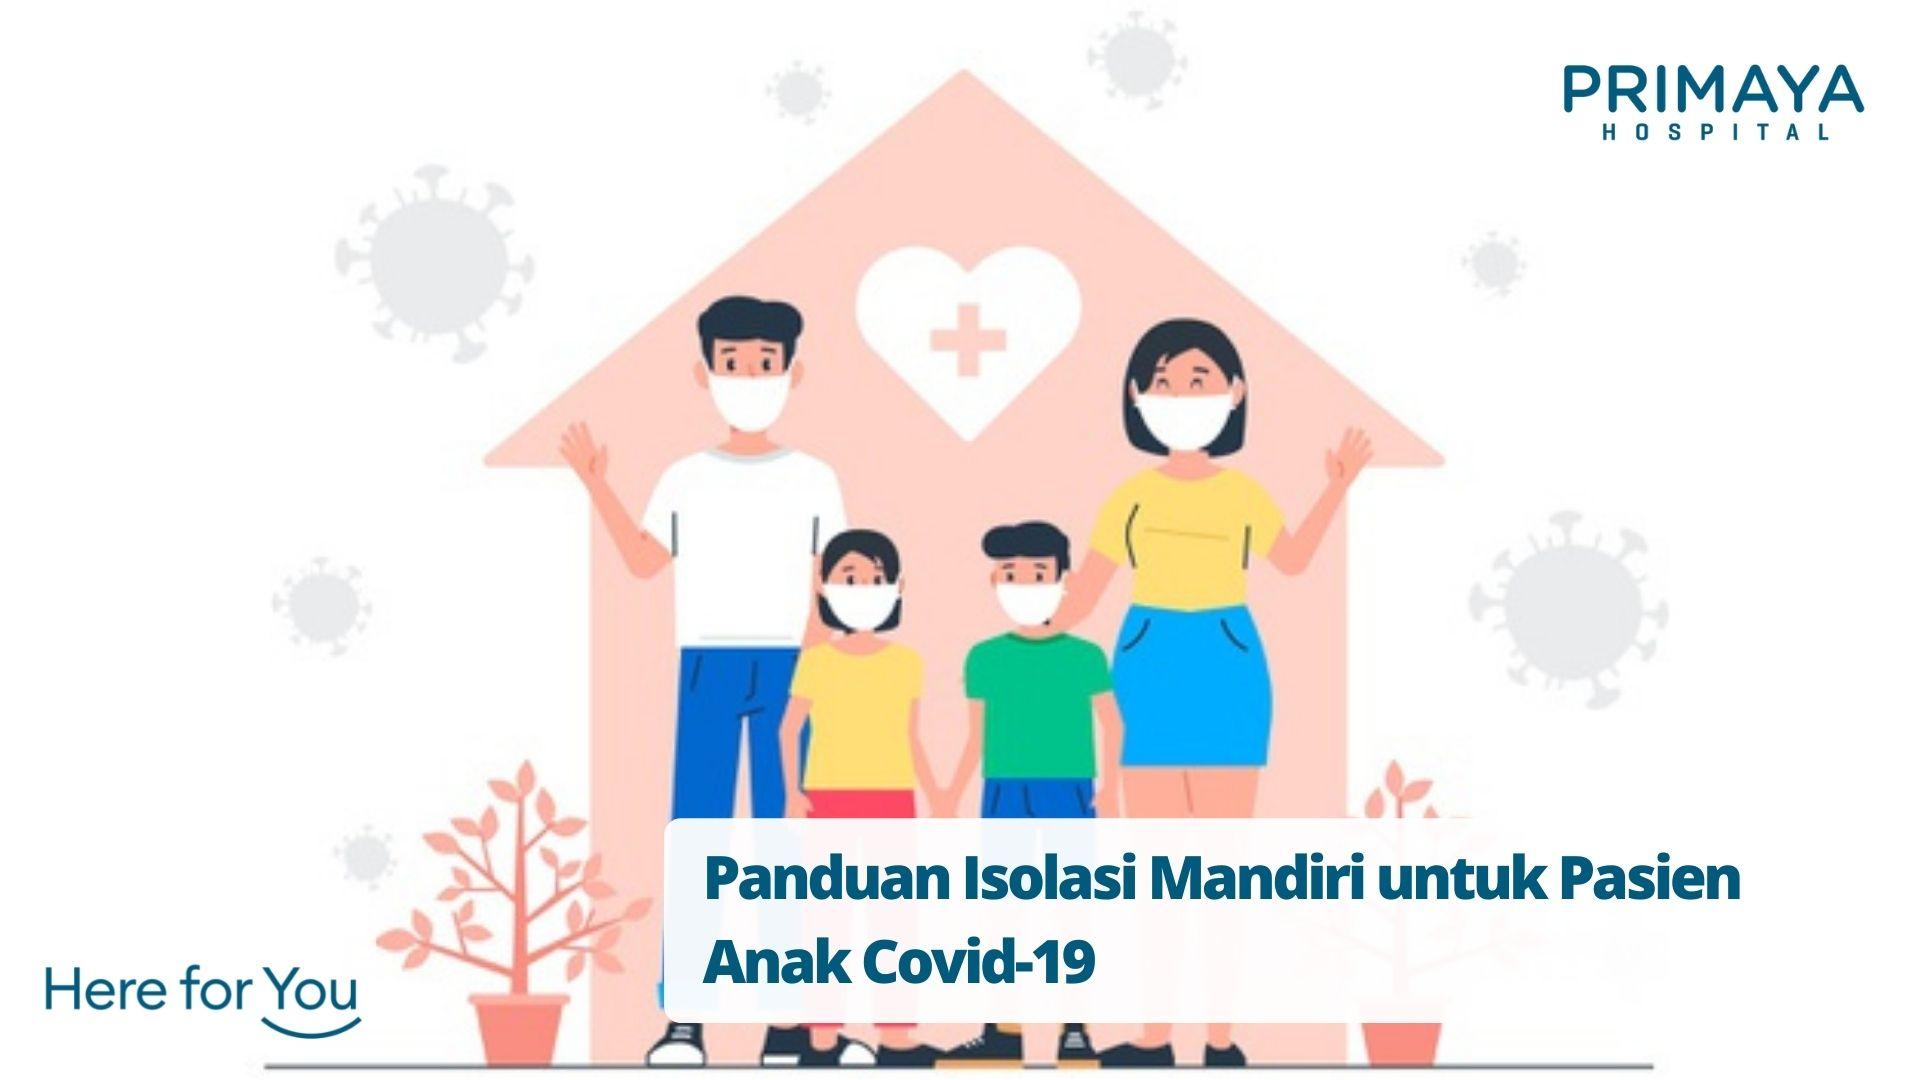 Panduan Isolasi Mandiri untuk Pasien Anak Covid-19